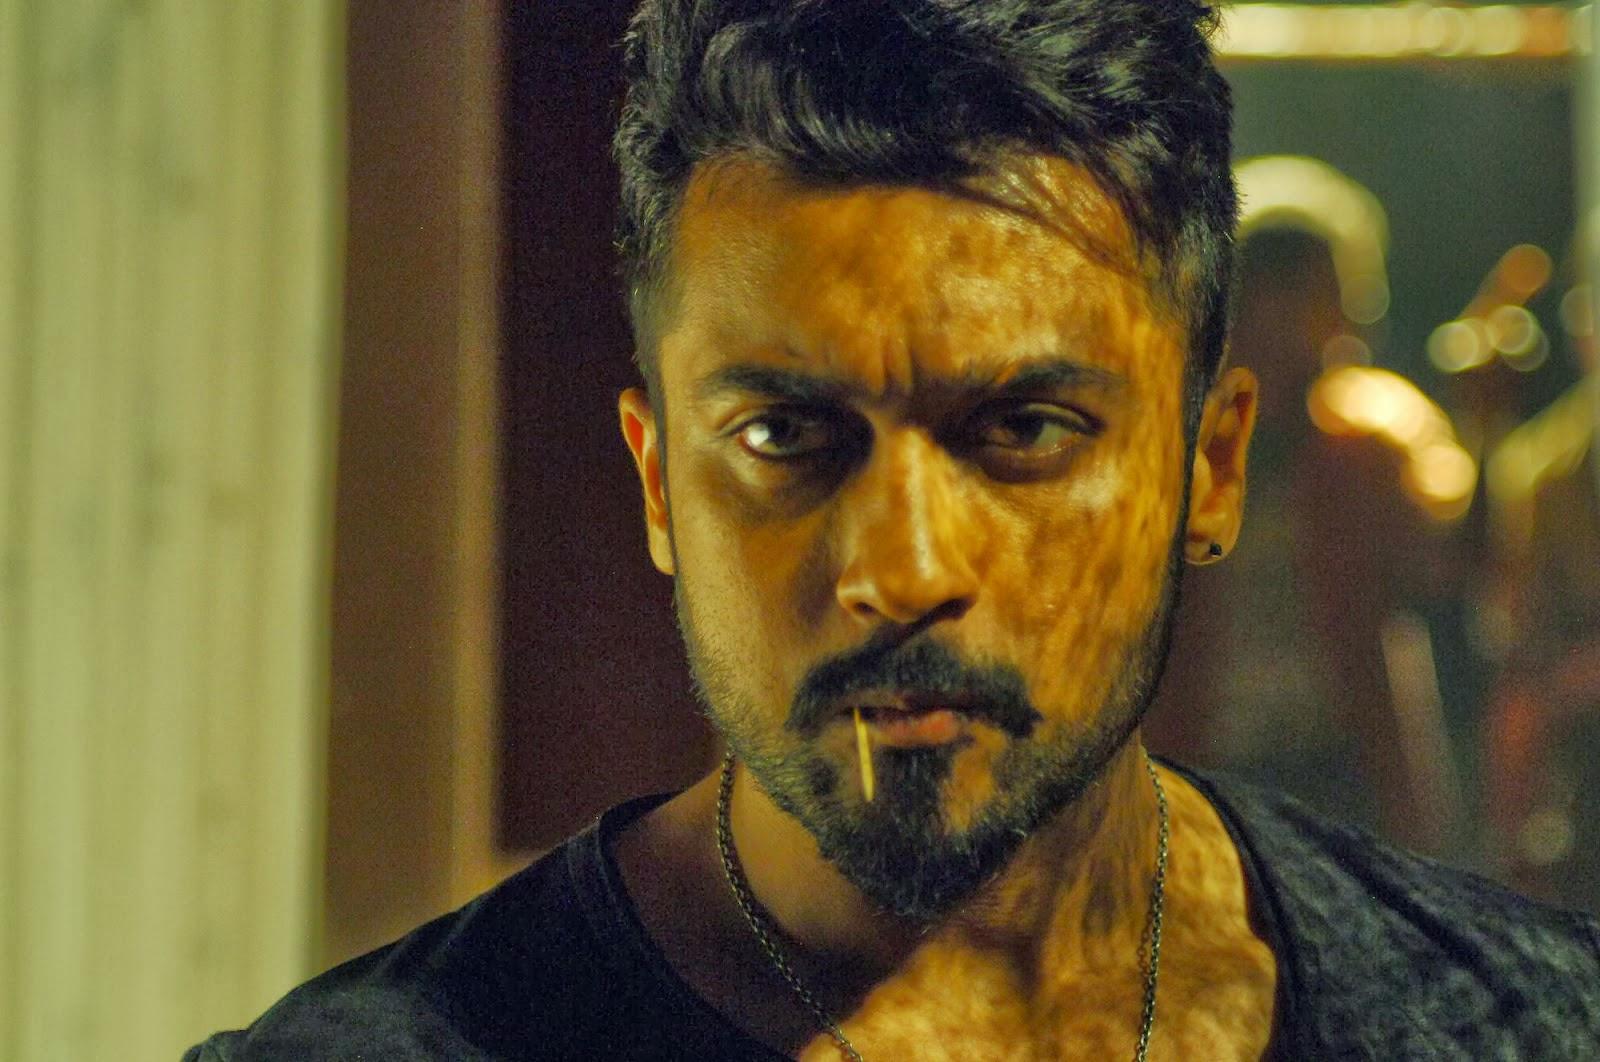 surya's anjaan movie stills - first look - atozcinegallery